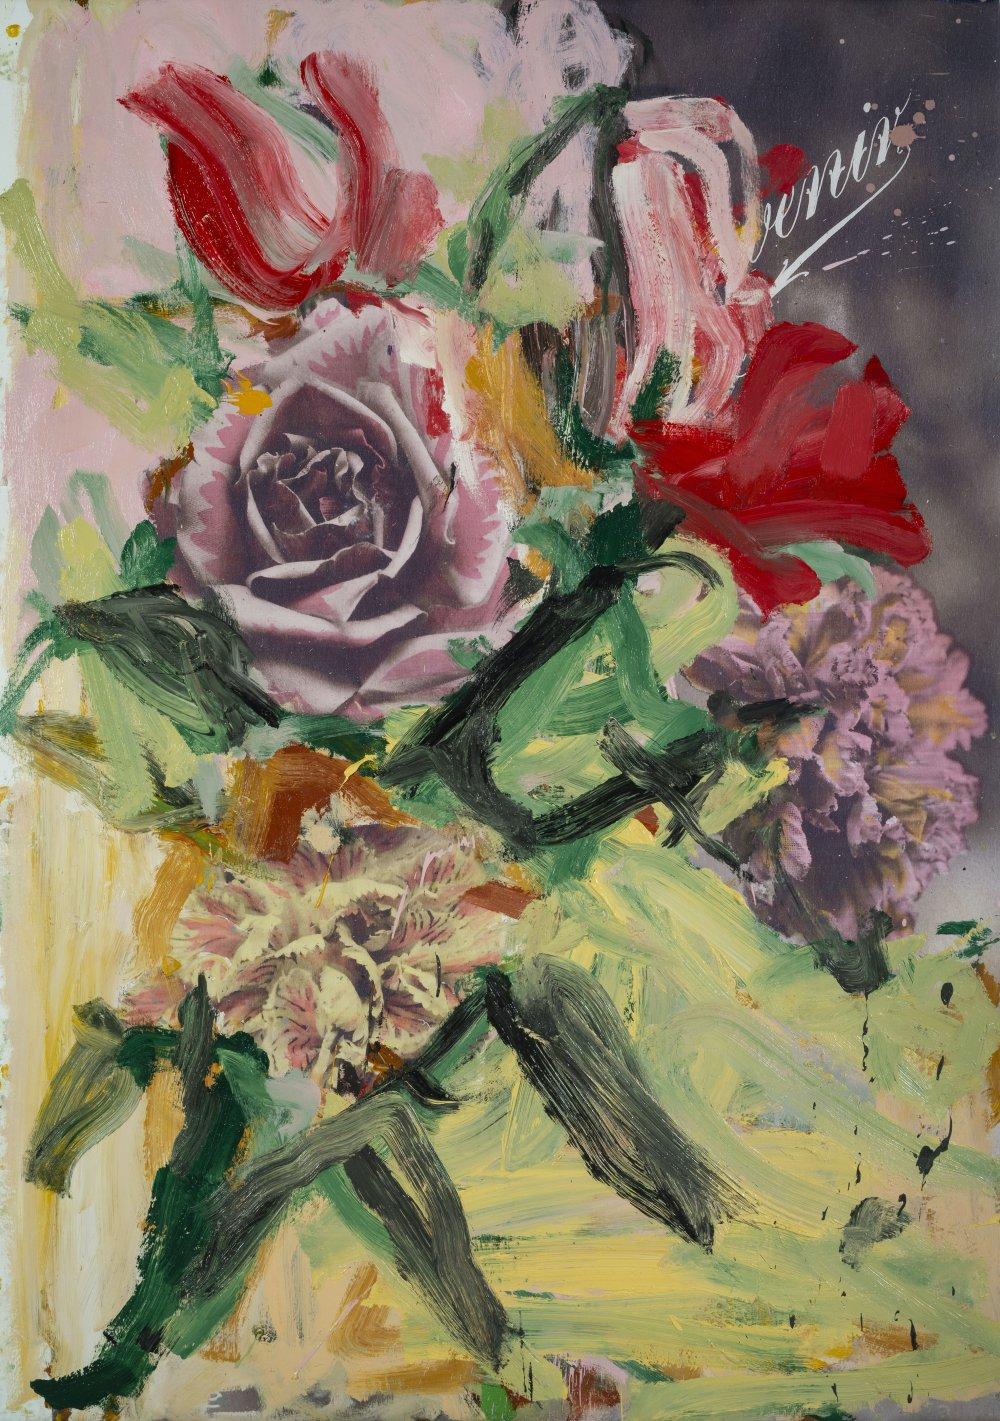 Souvenir (Postcard Painting)